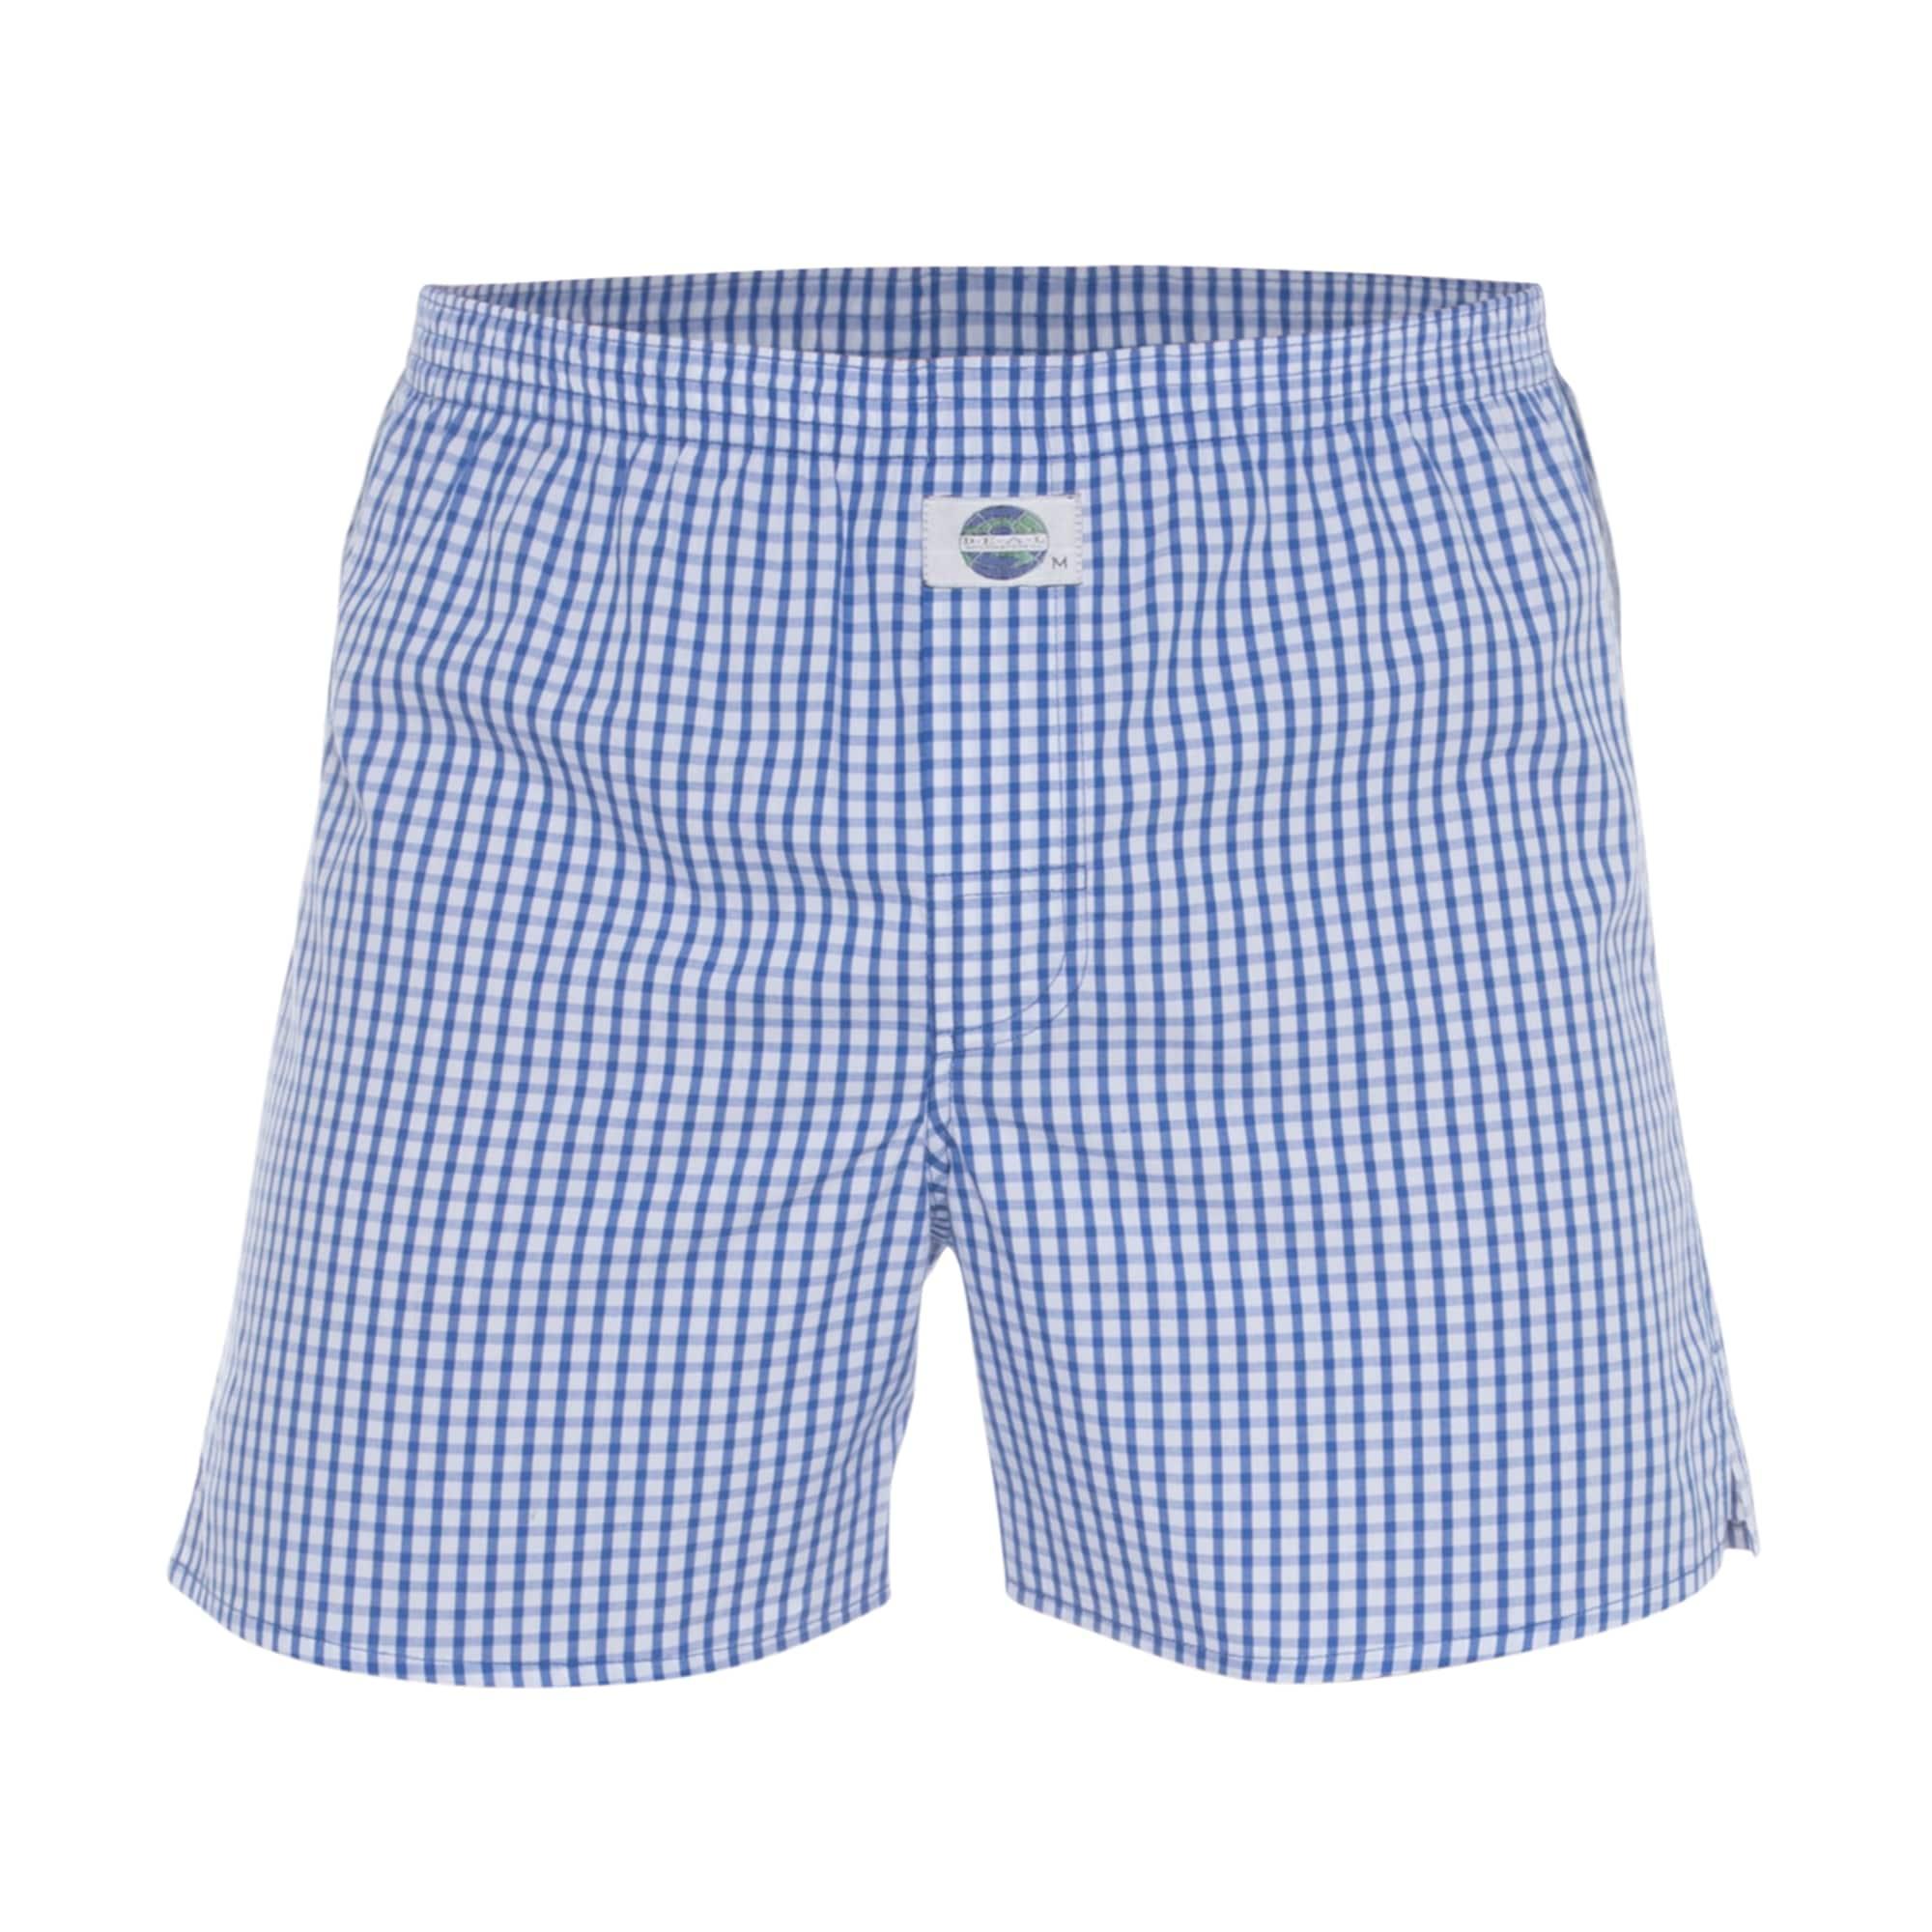 Boxerky Check modrá bílá D.E.A.L International